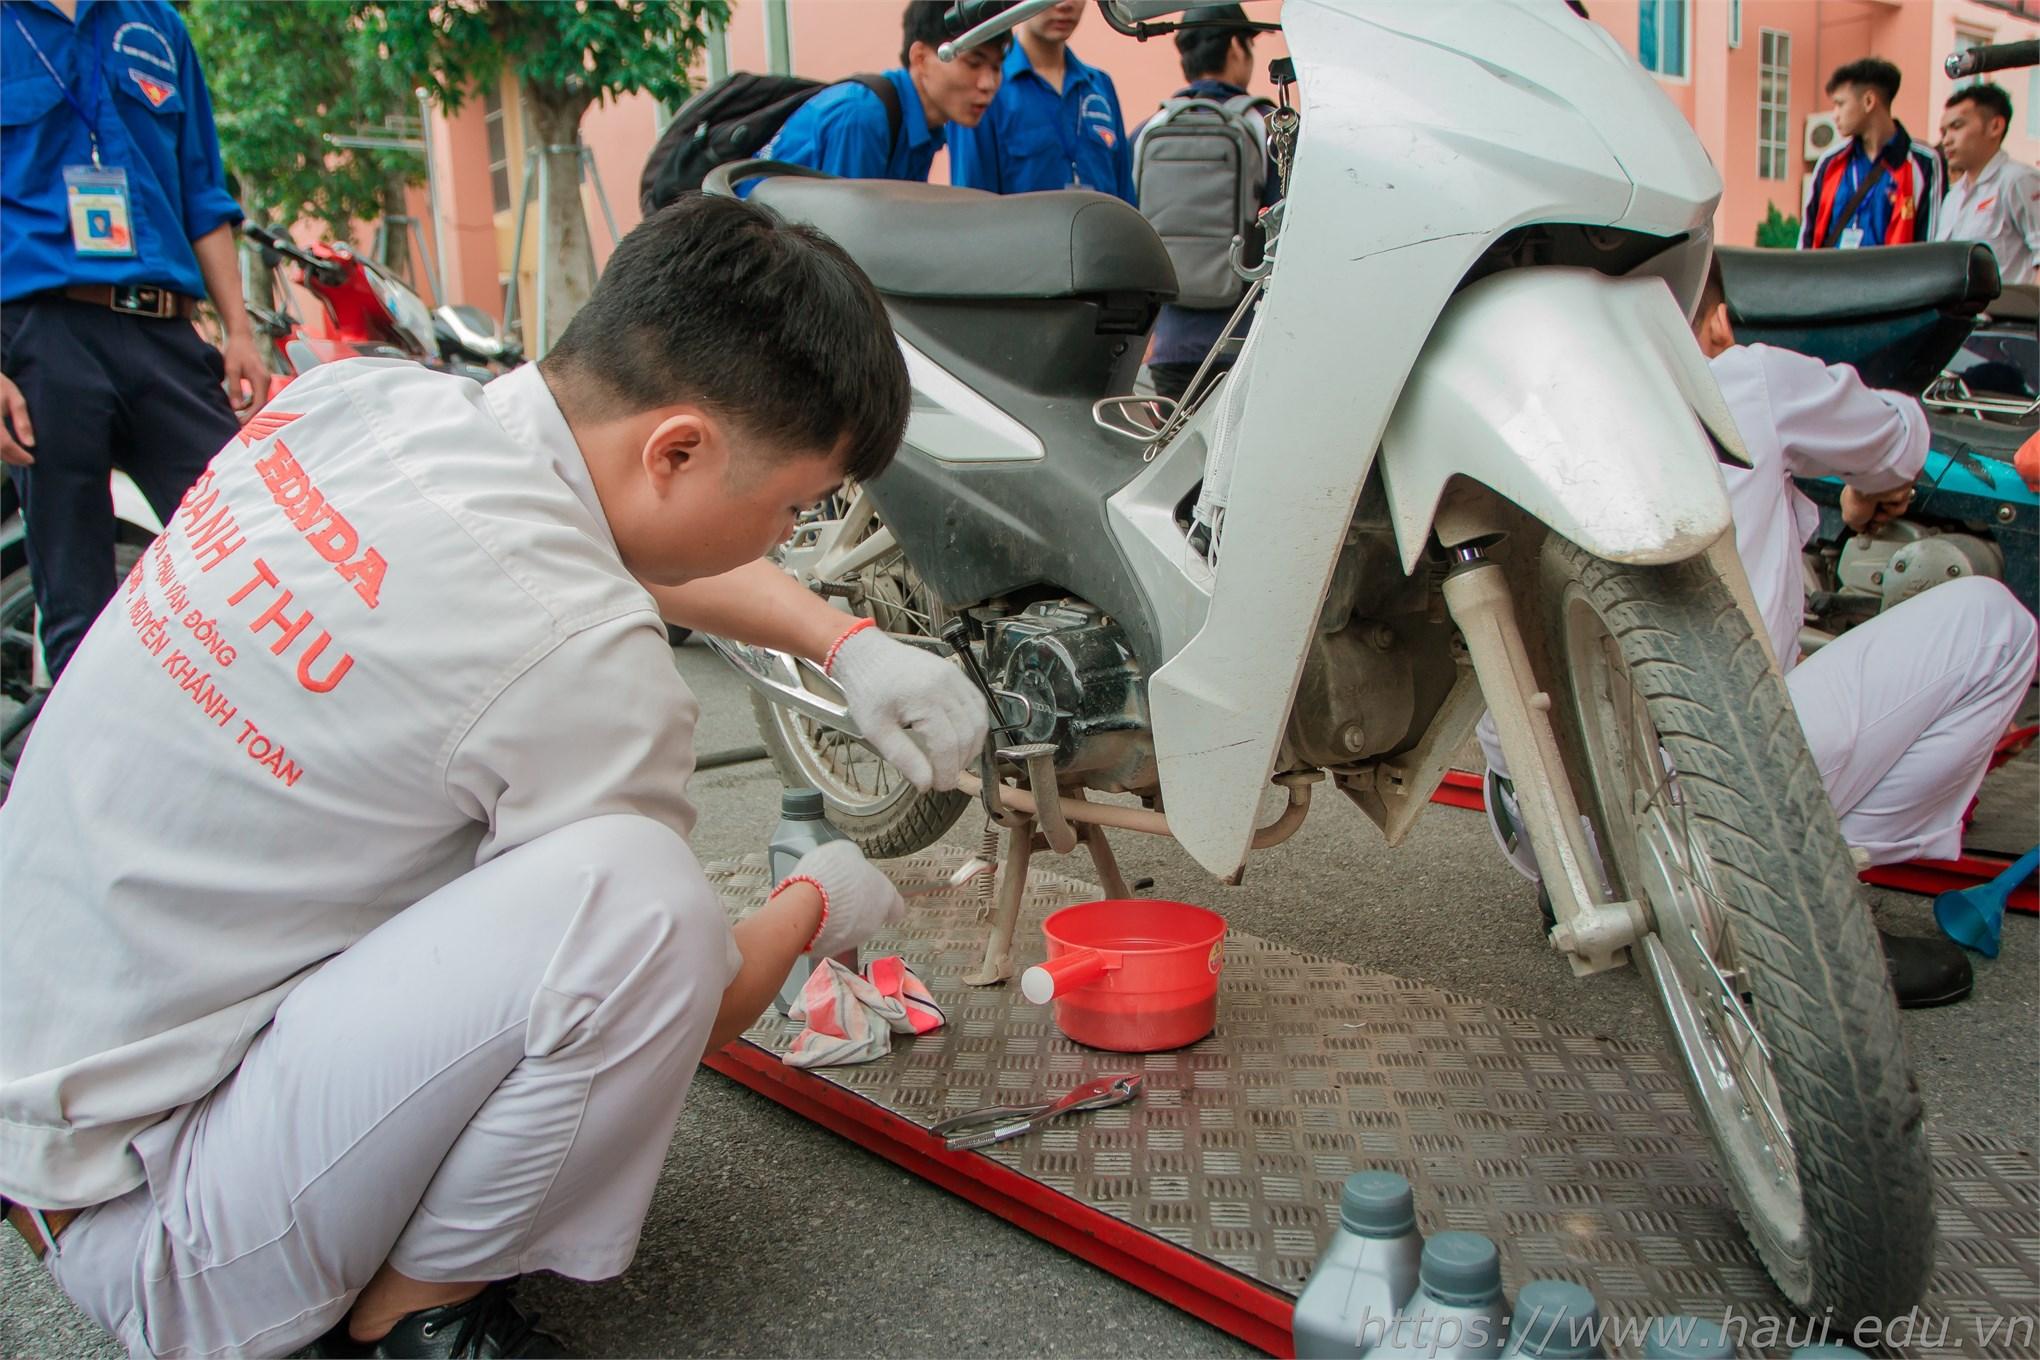 Sinh viên được hỗ trợ bảo dưỡng, kiểm tra, thay dầu xe Honda miễn phí